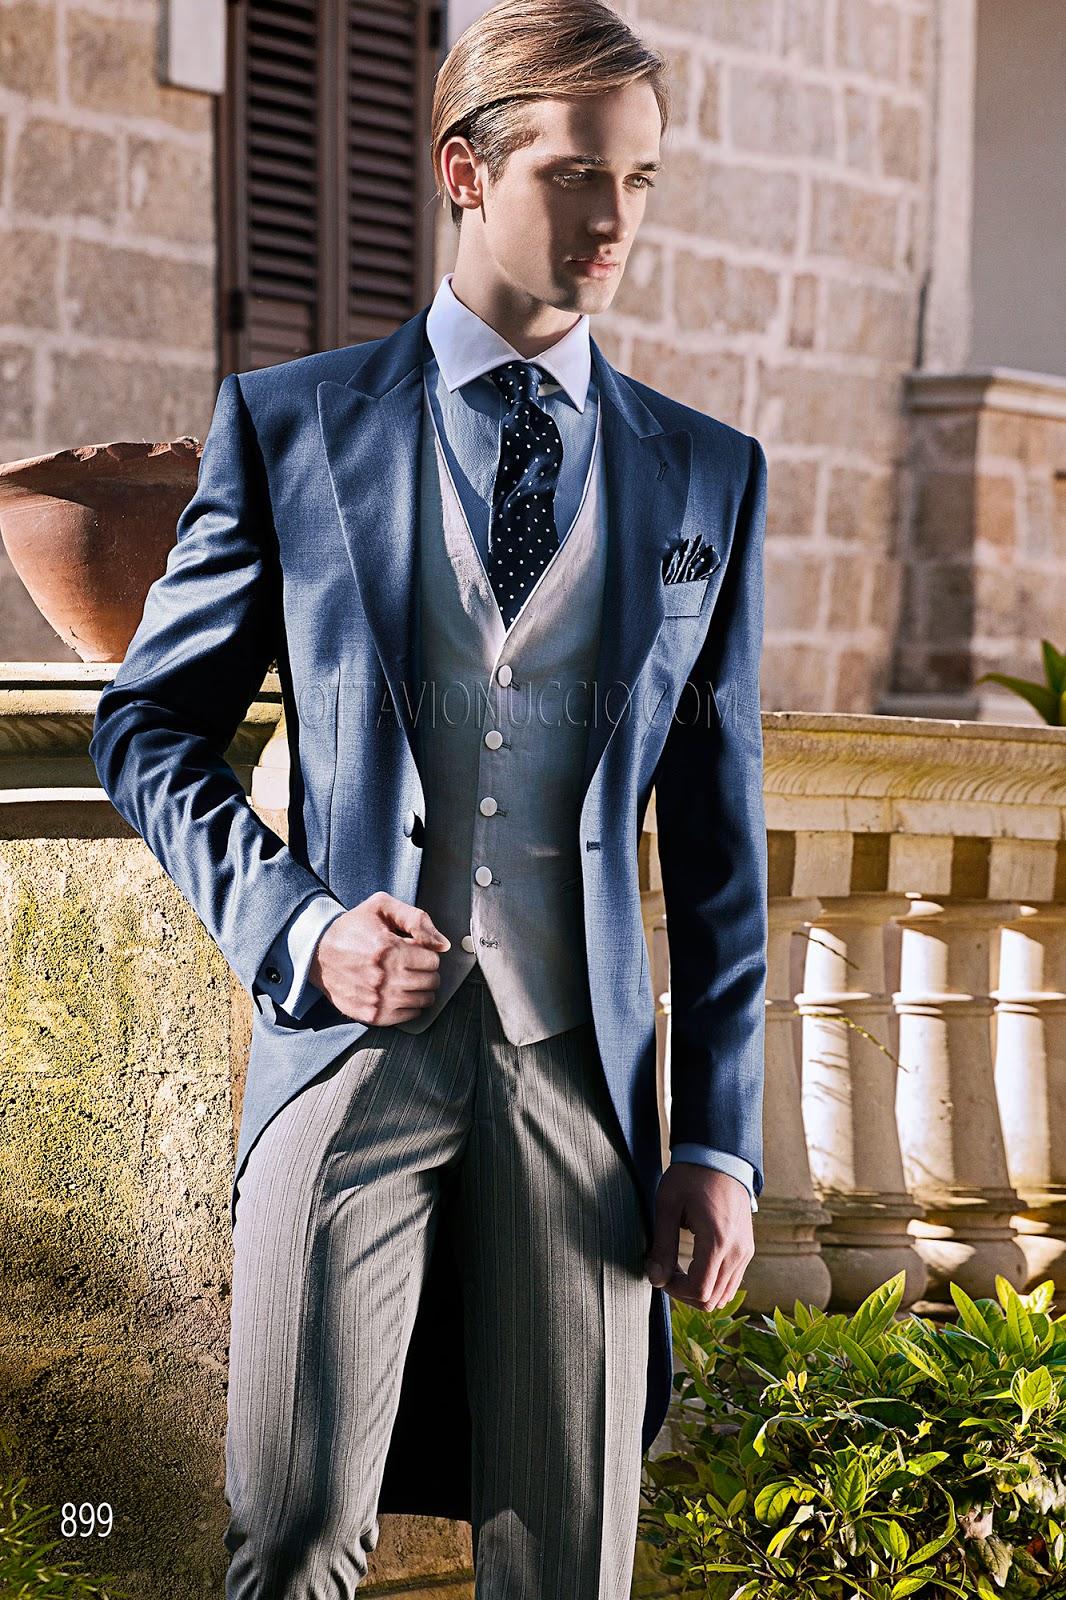 OTTAVIO NUCCIO GALA, Especial Novios, Bodas 2015, trajes de novio, ceremonia, Etiqueta, Suits and Shirts, Made in Italy, Black Tie, gentleman,